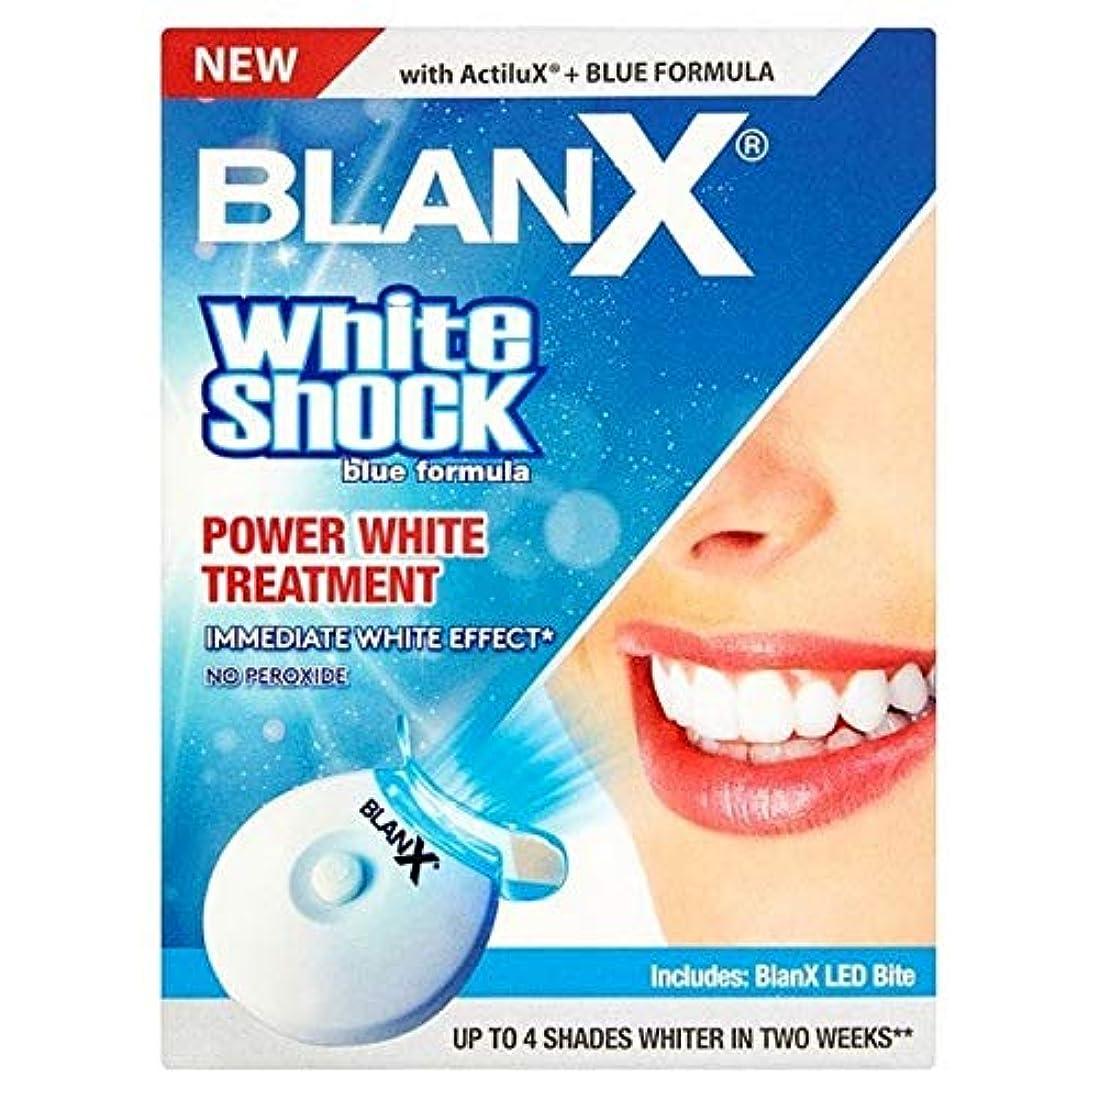 広告する急性不和[Blanx] Blanx白ショック処理50ミリリットル - BlanX White Shock Treatment 50ml [並行輸入品]